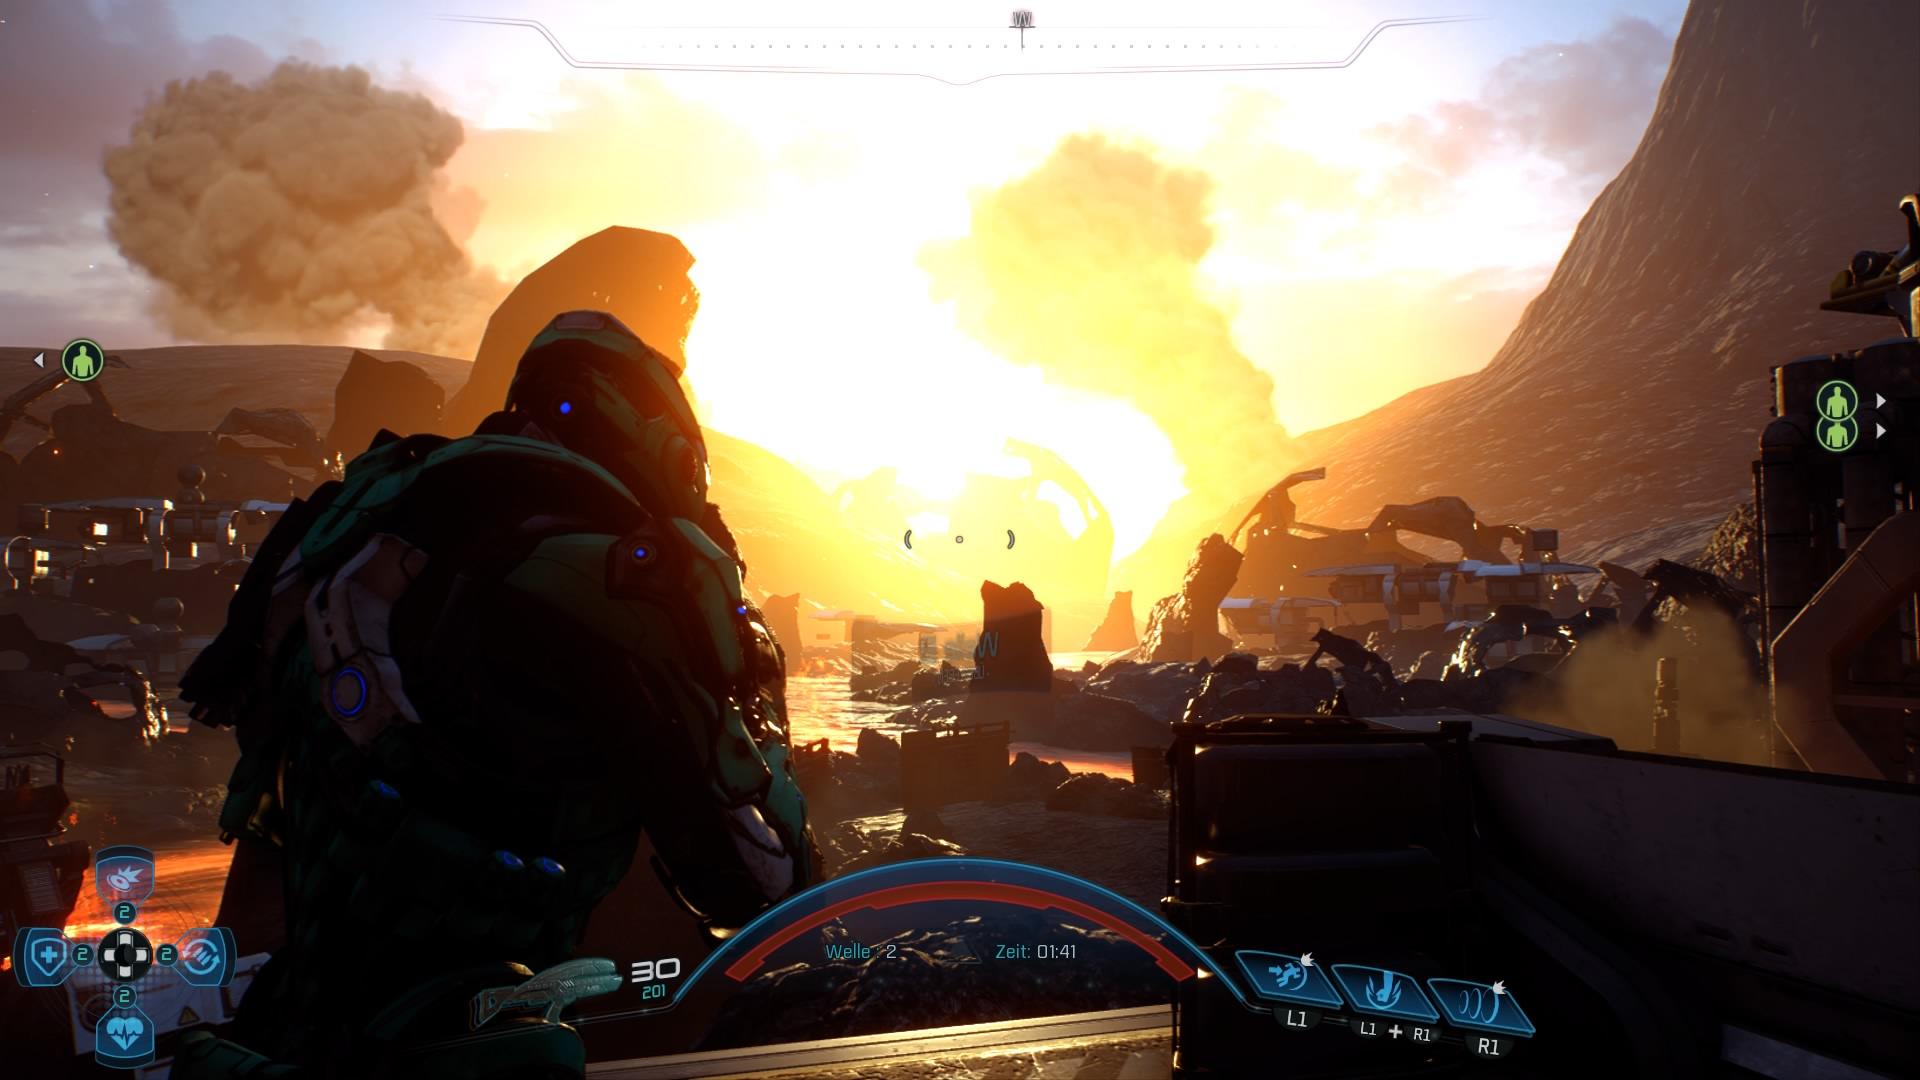 Infiltrator Builds Mass Effect